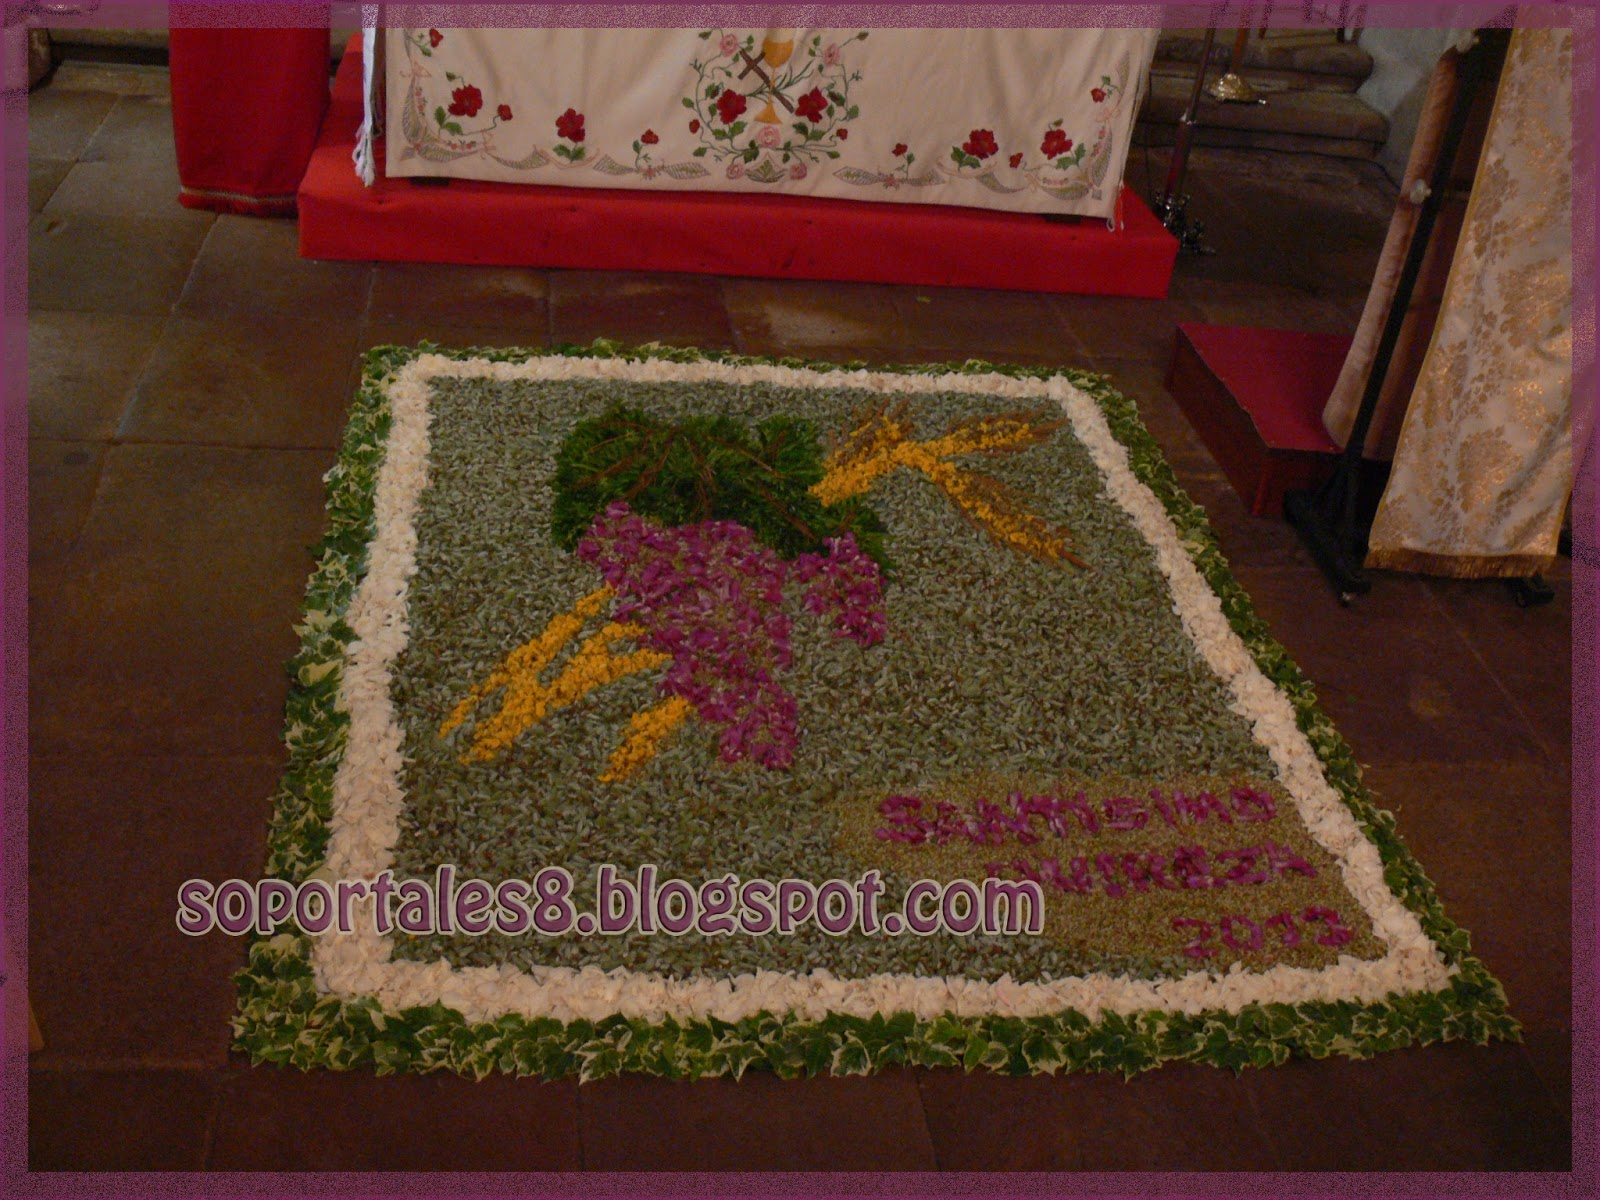 Soportales 8 dise o floral junio 2013 - Alfombra nina ...